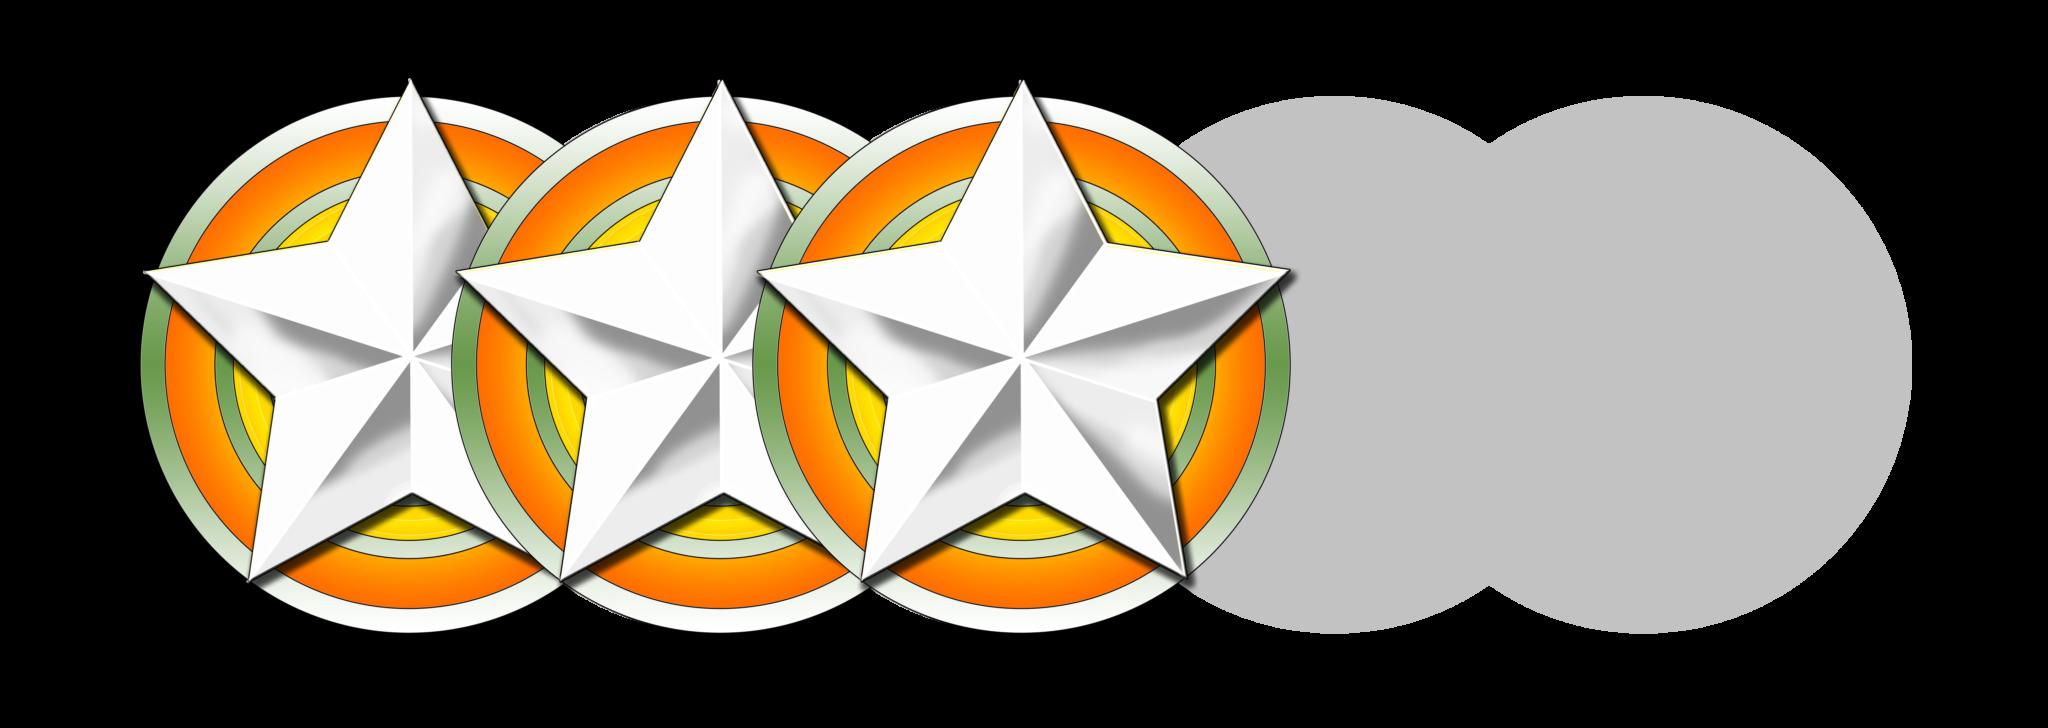 Wertung 3 Sterne